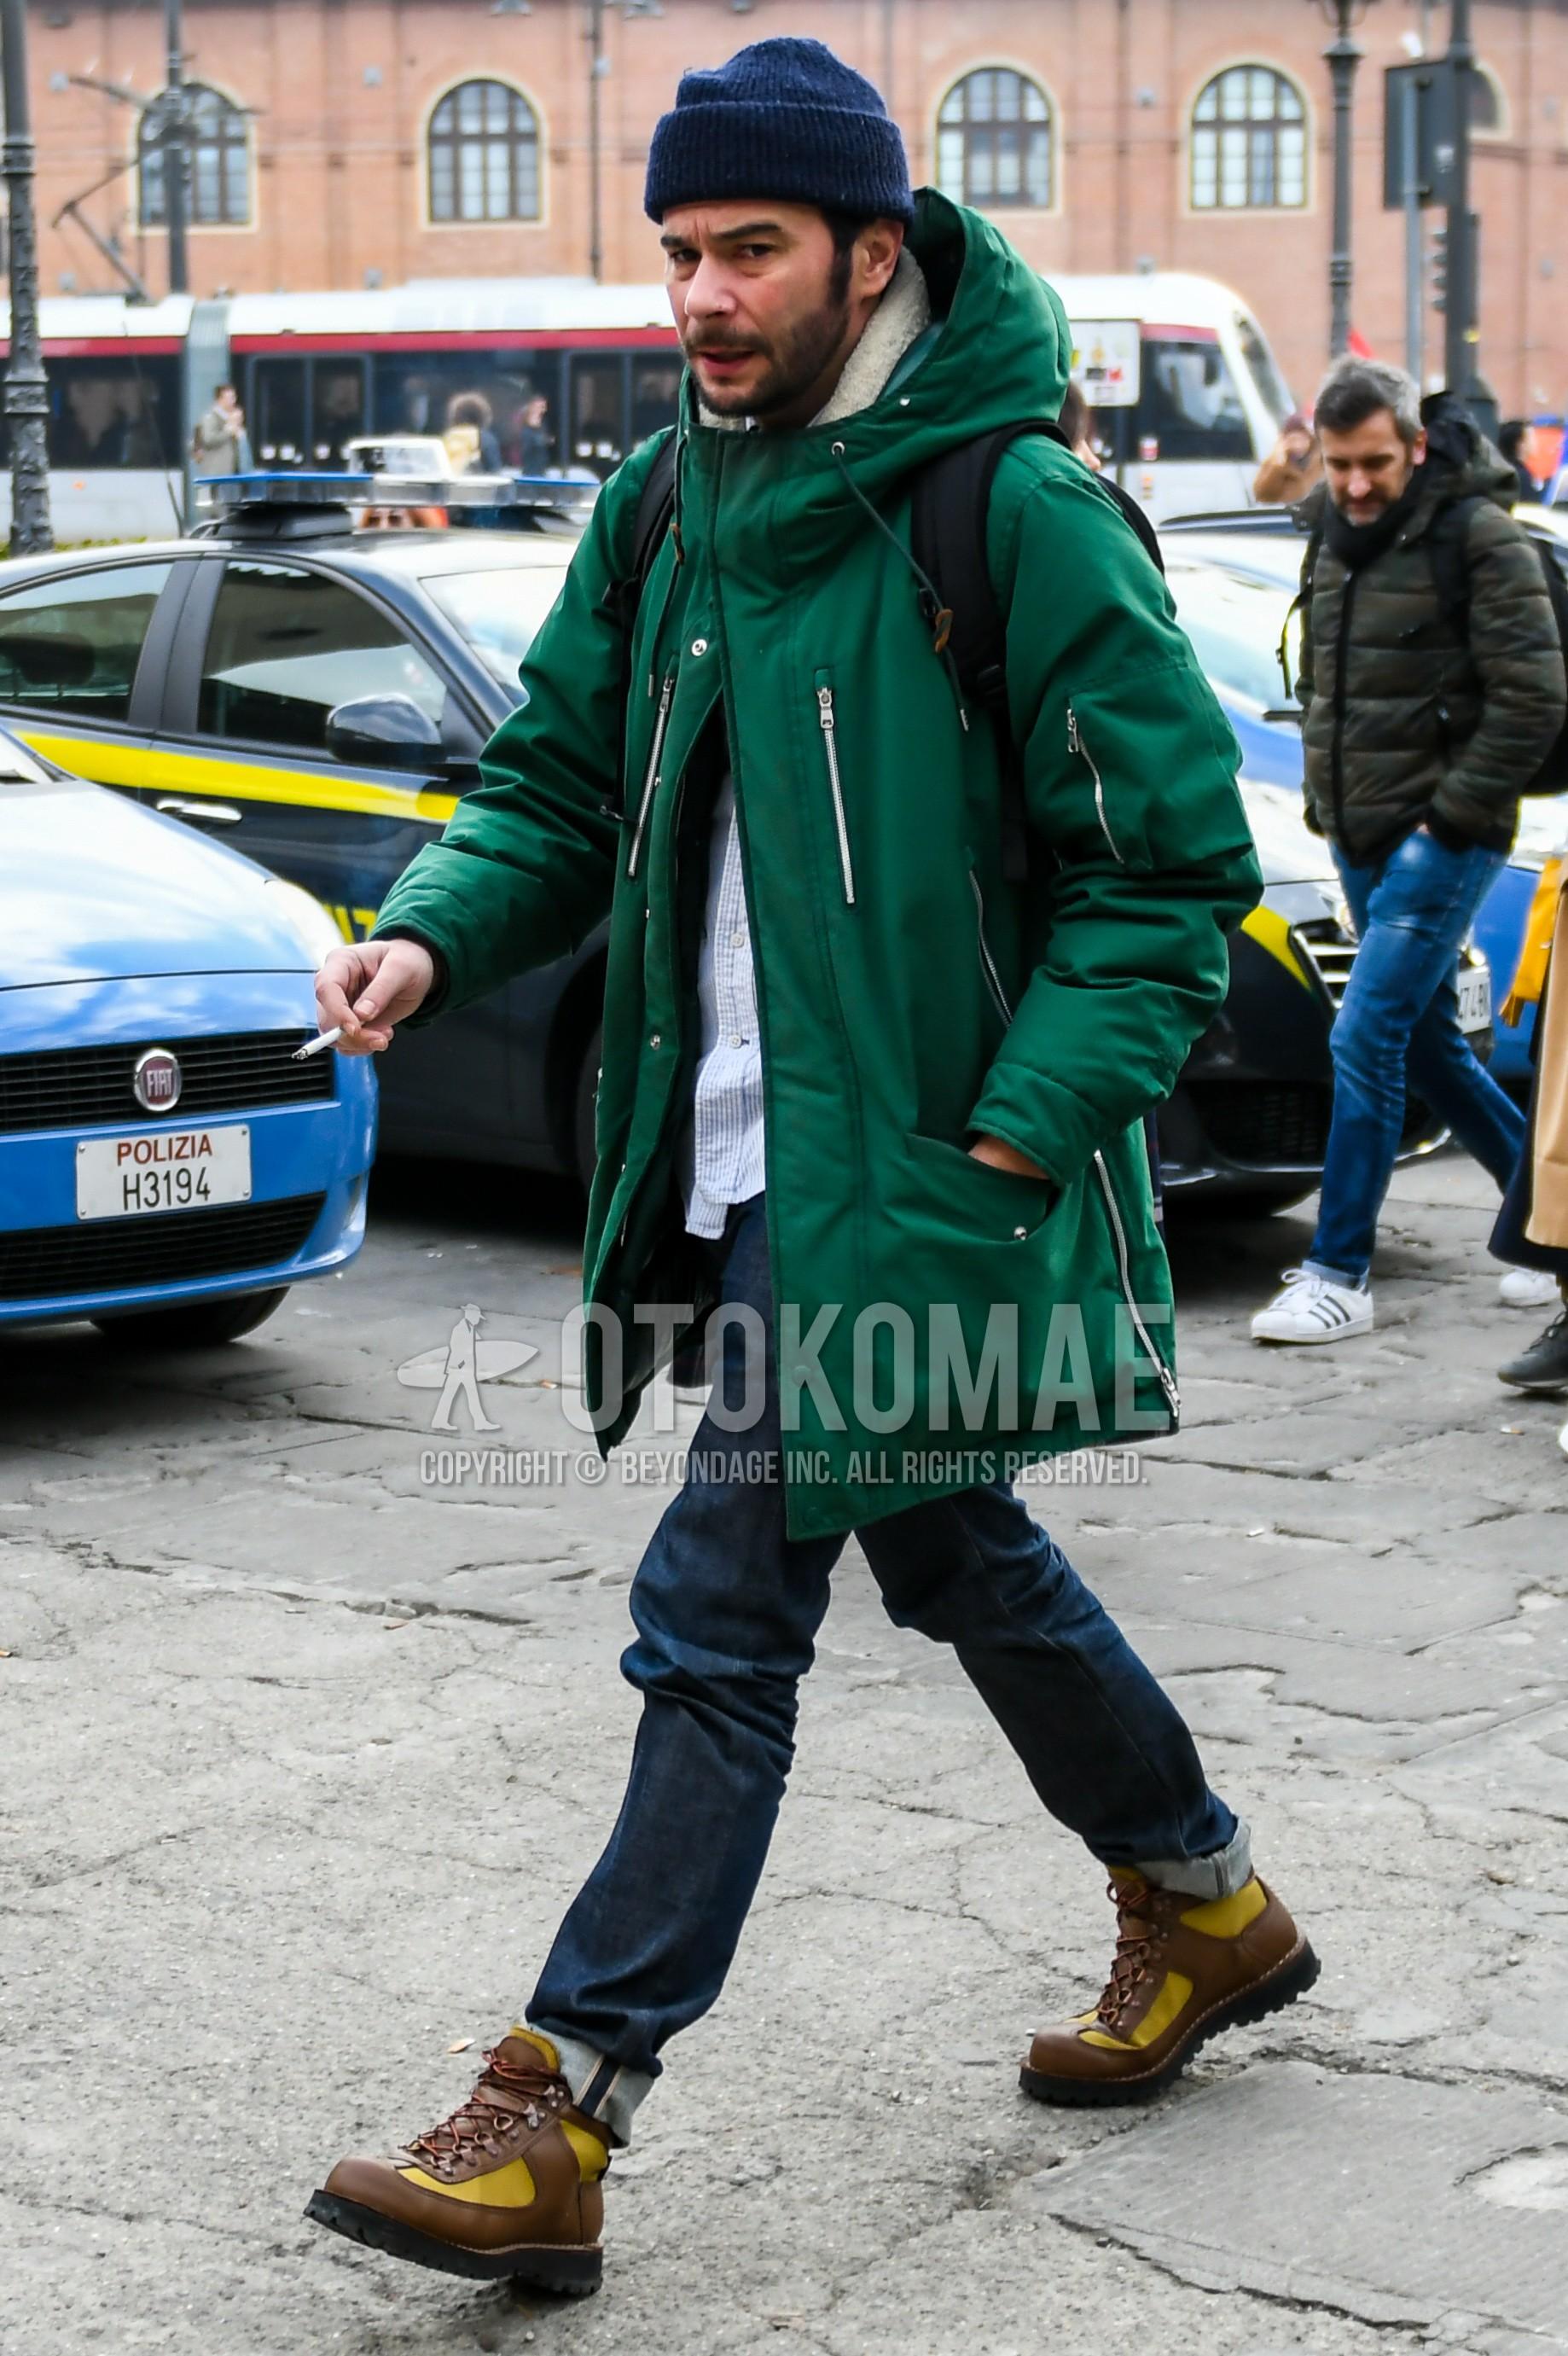 ネイビー無地のニットキャップ、グリーン無地のダウンジャケット、白ストライプのシャツ、ネイビー無地のデニム/ジーンズ、ブラウンのブーツを合わせた冬のメンズコーデ・着こなし。